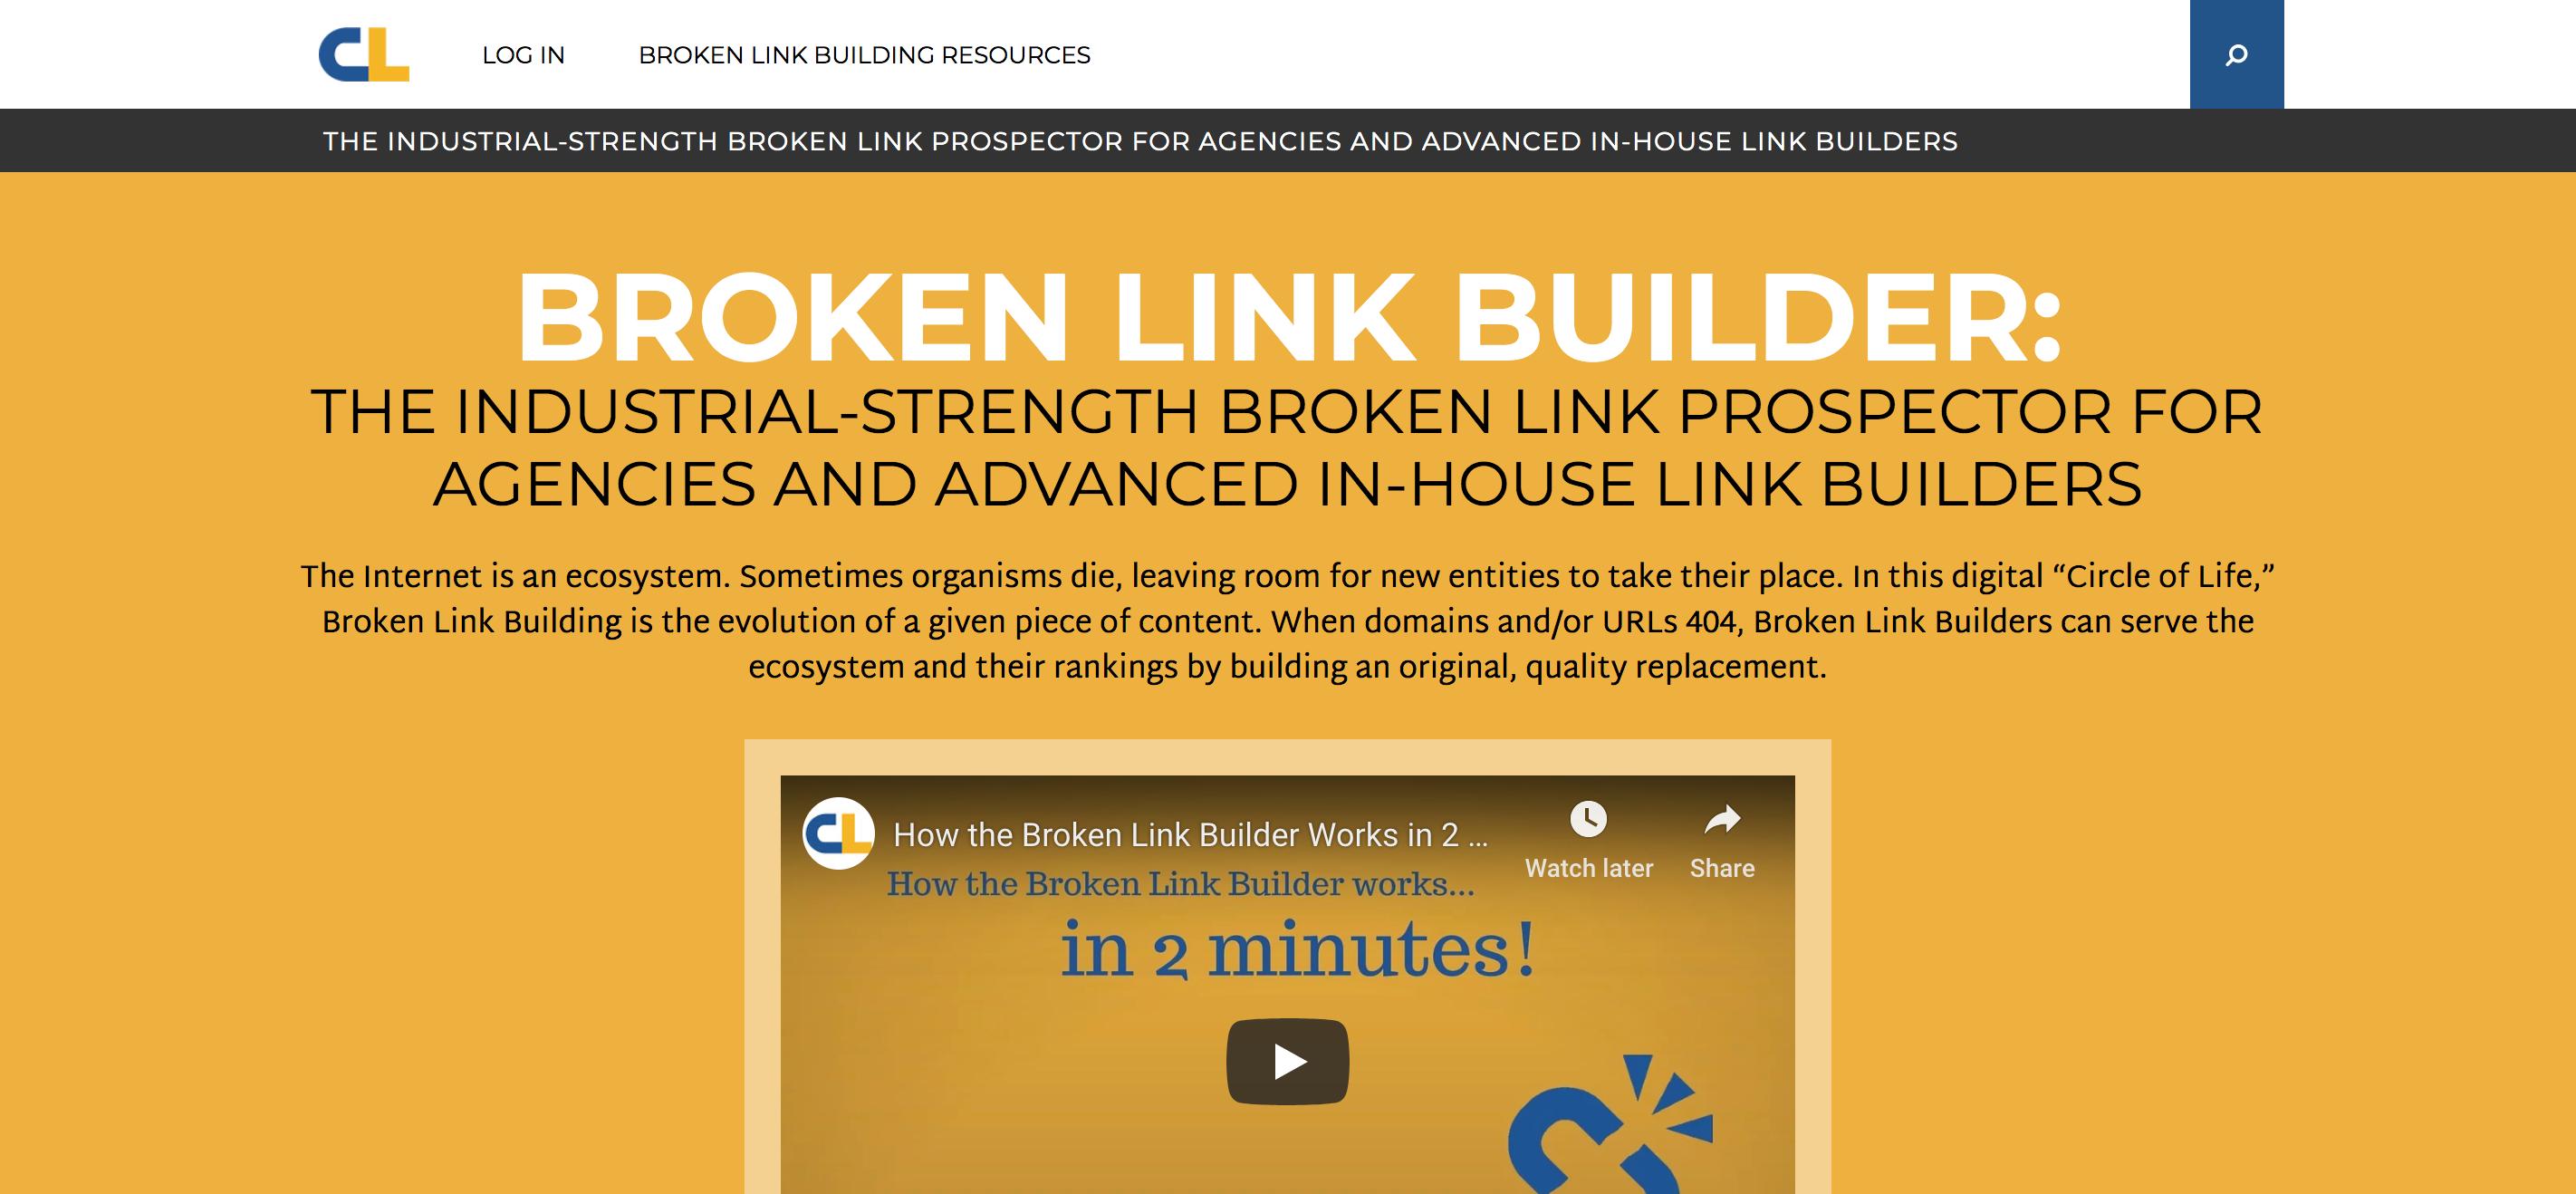 link building campaign brokenlinkbuilding